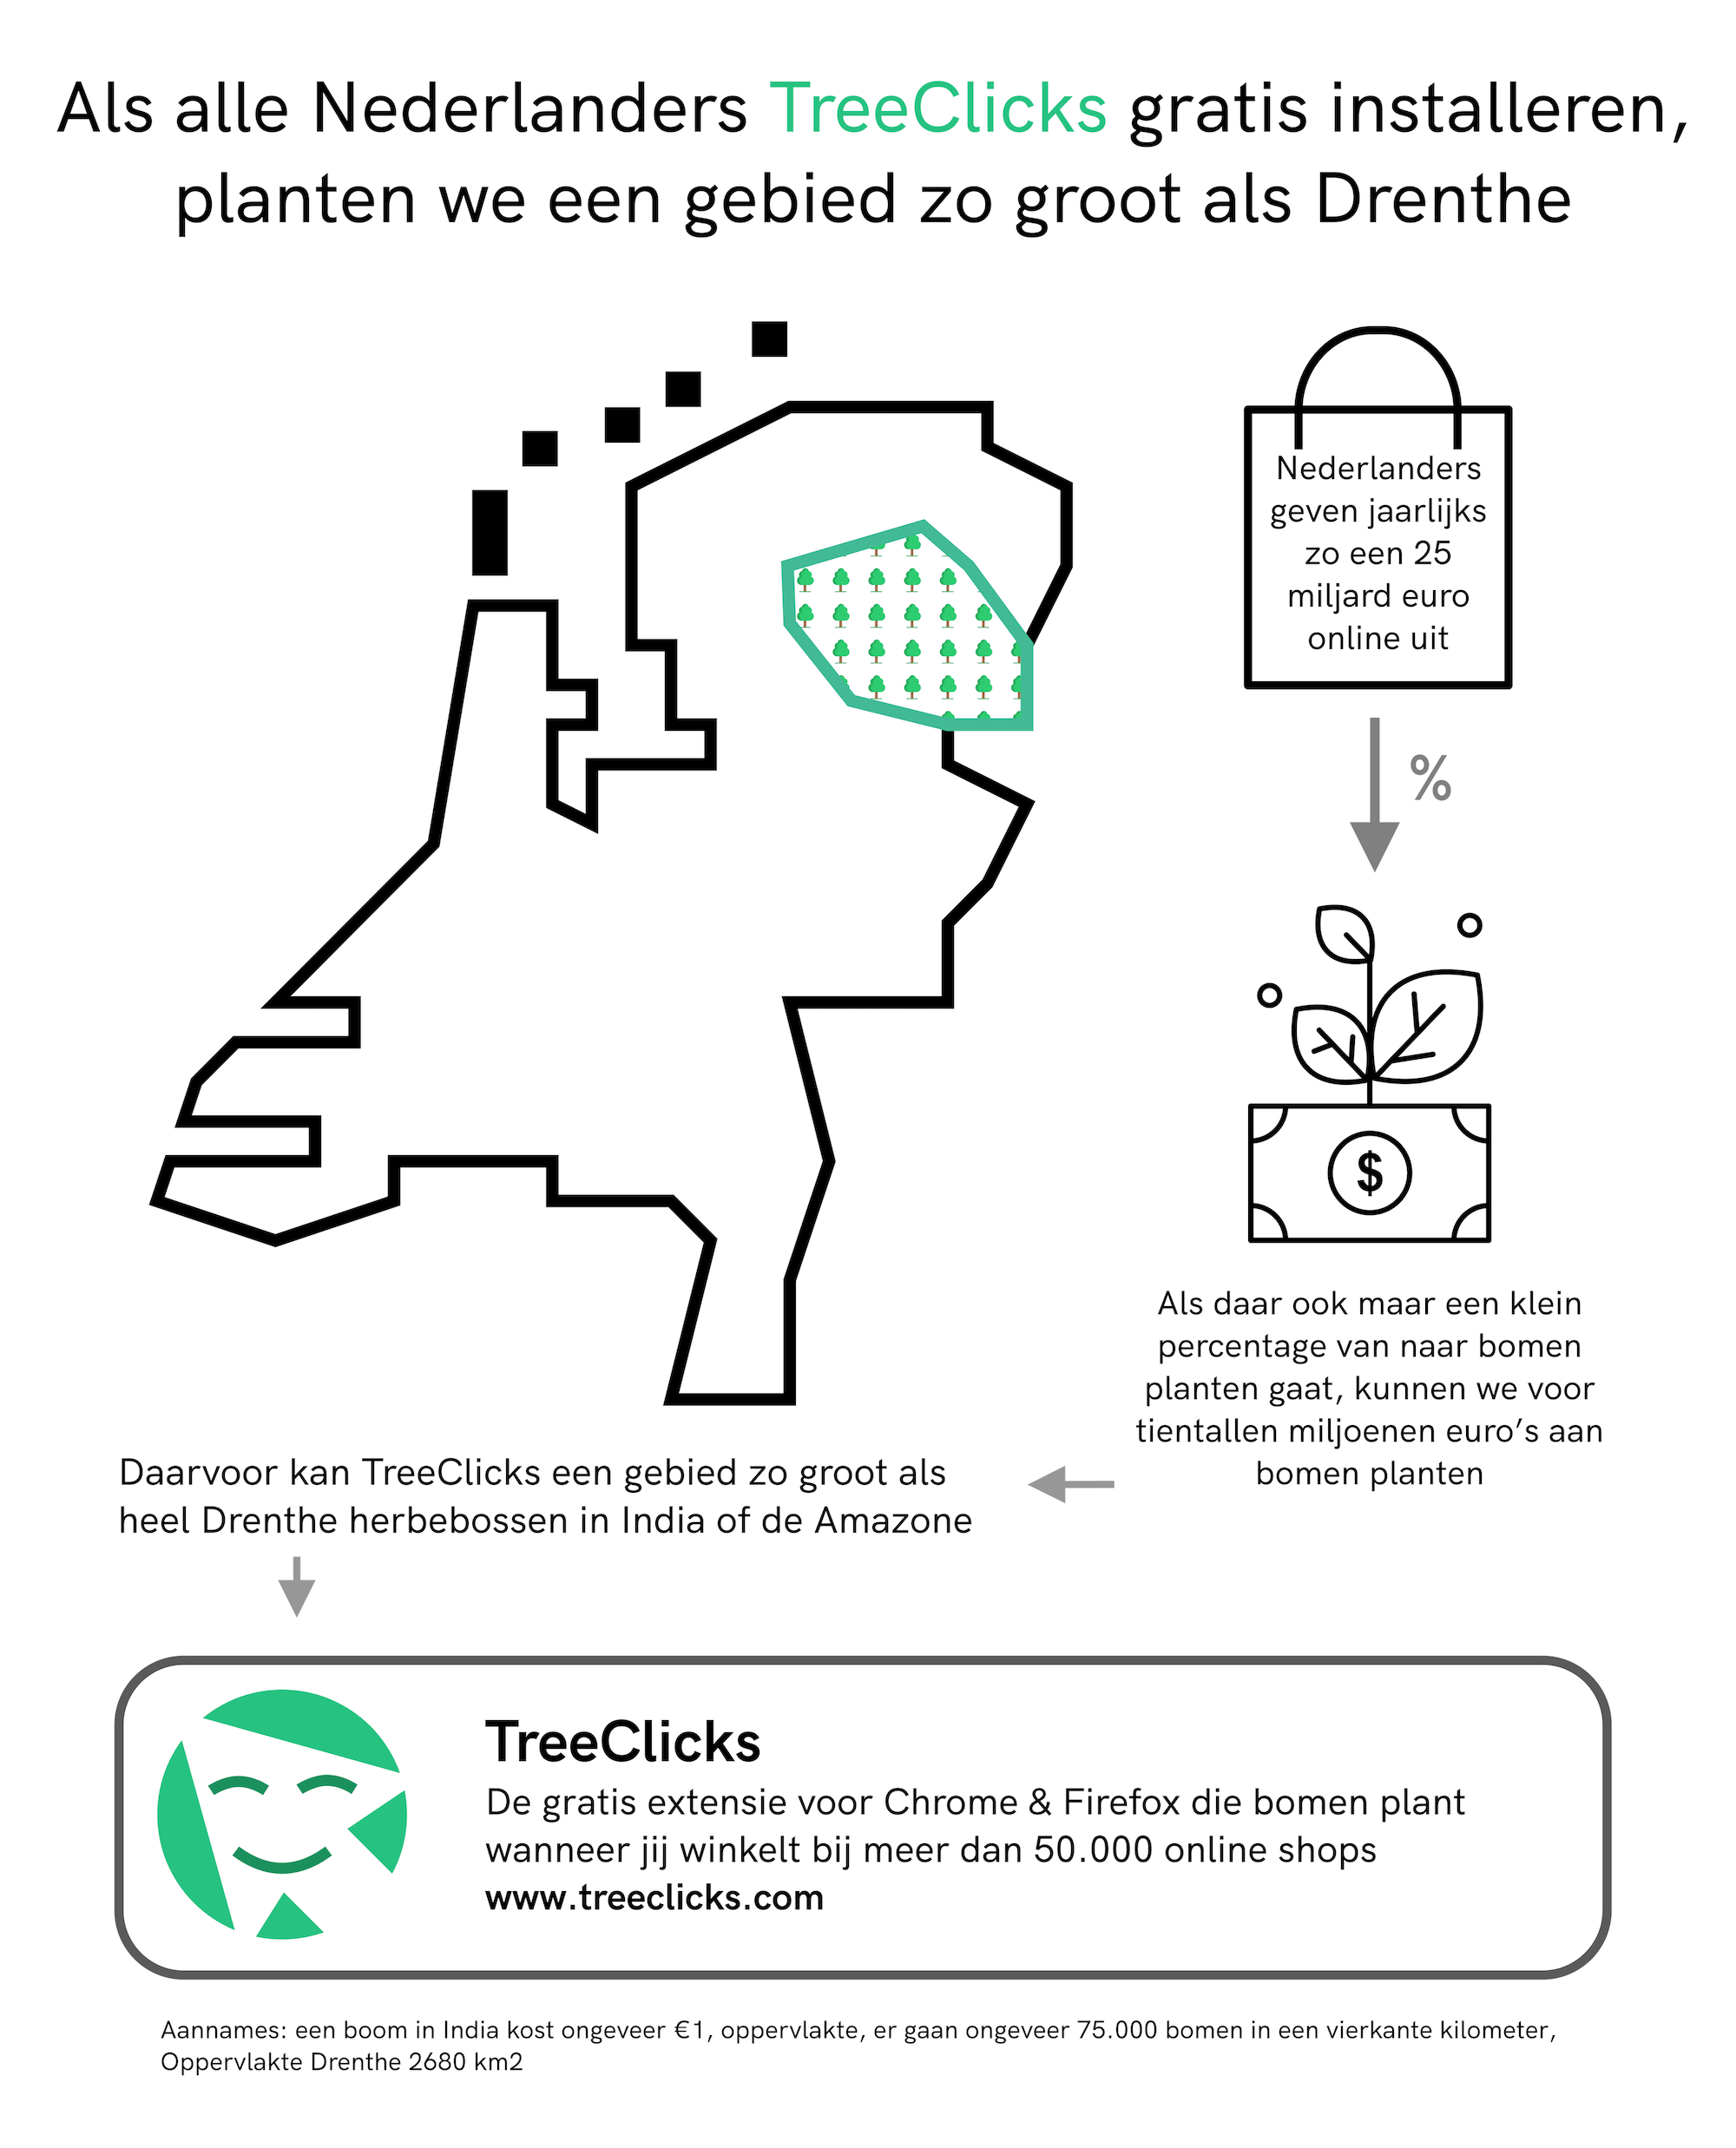 Statistieken en feiten met betrekking tot TreeClicks - Als alle Nederlanders TreeClicks installeren kunnen we een gebied planten zo groot als Drenthe